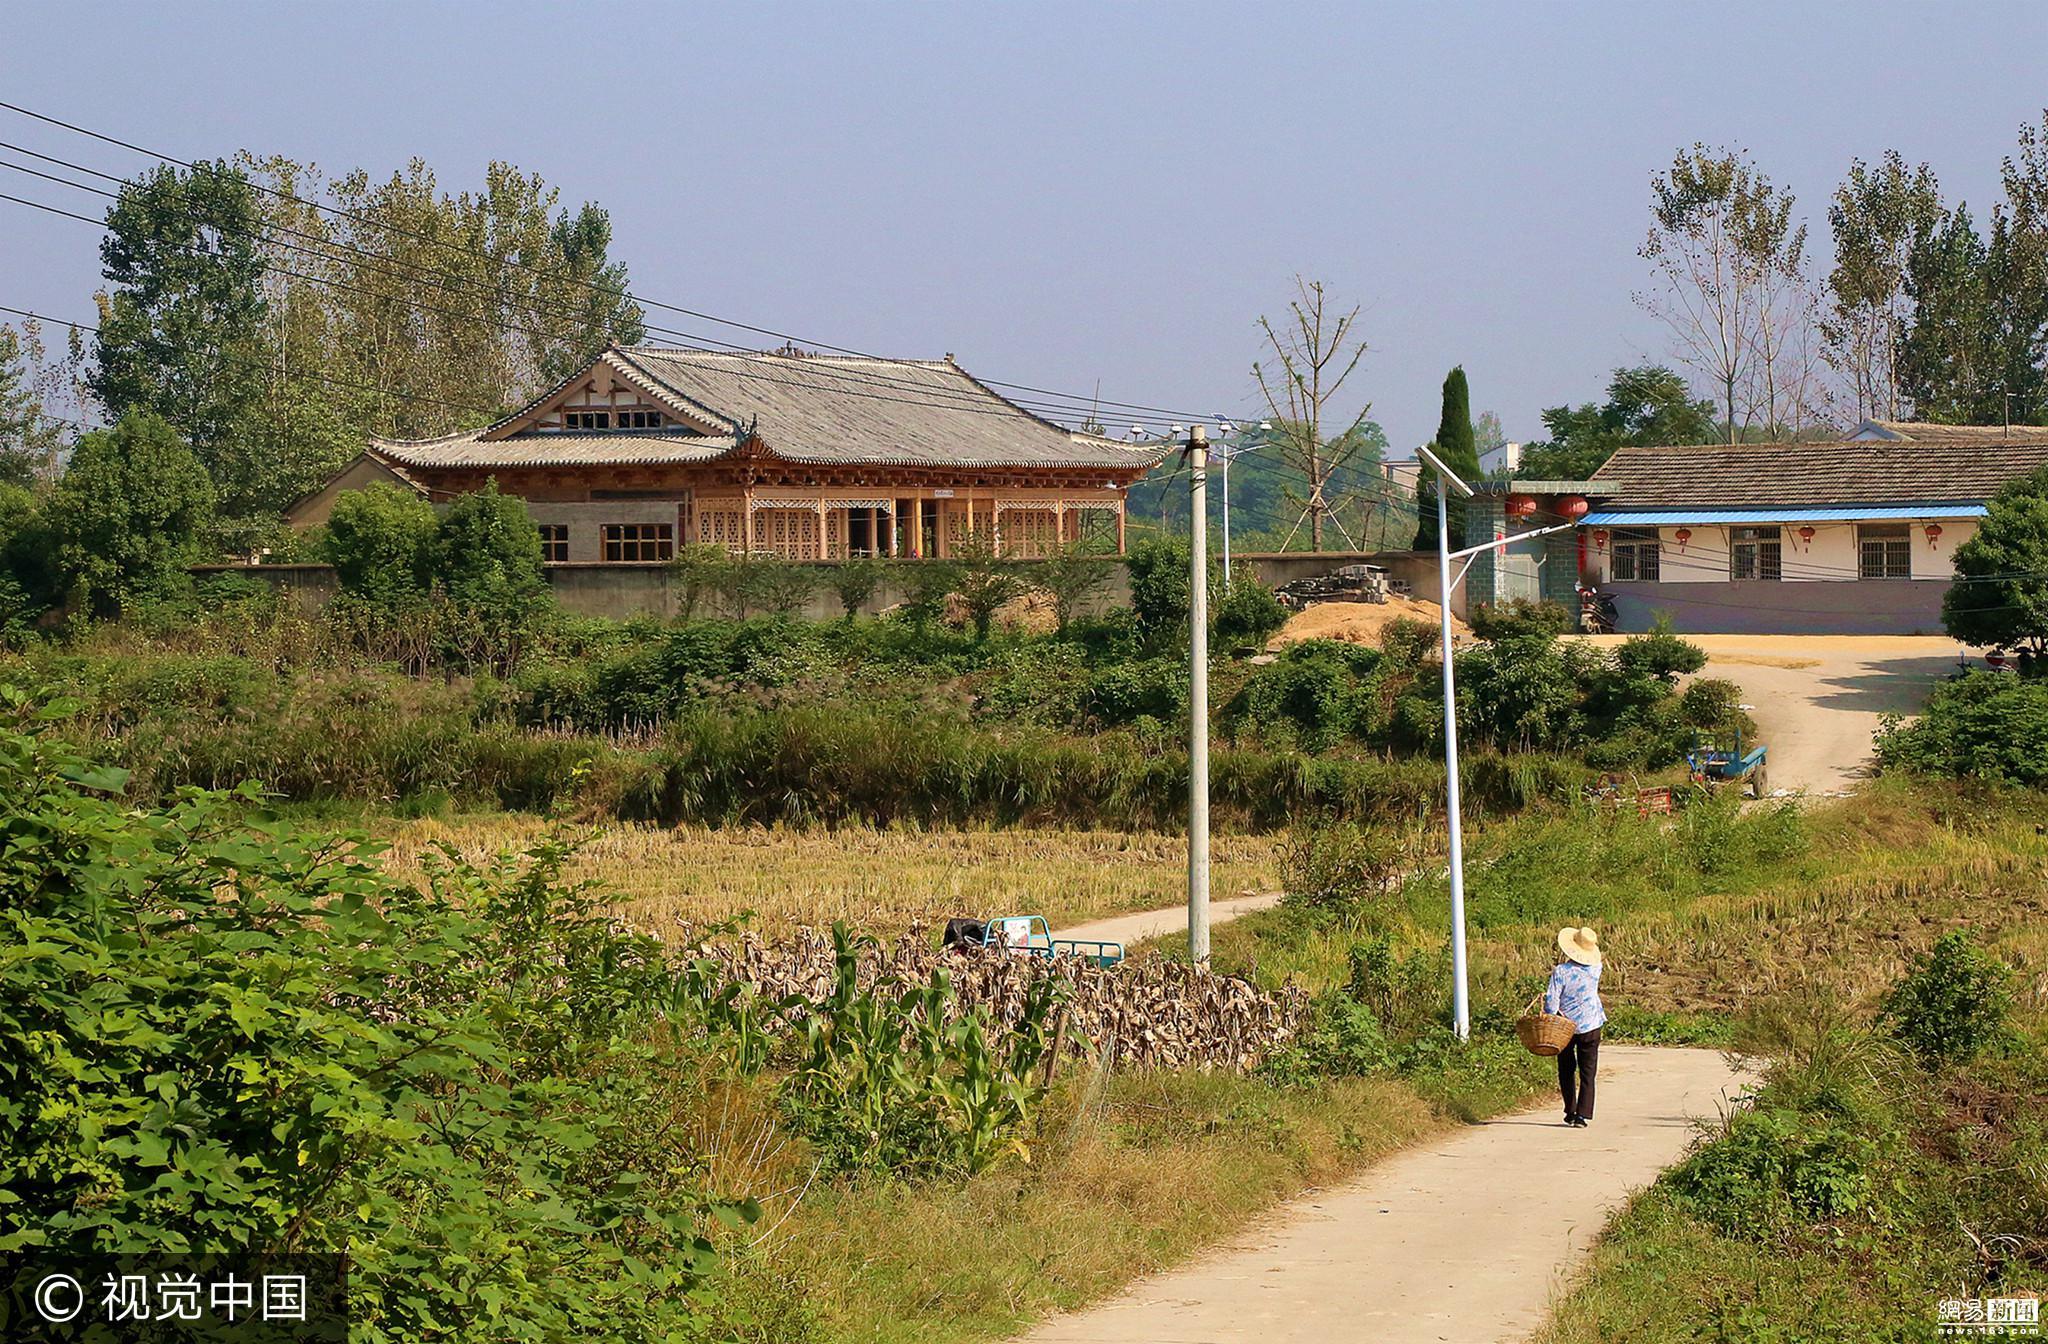 安徽一男子花300万元农村建宫殿自住 - 周公乐 - xinhua8848 的博客